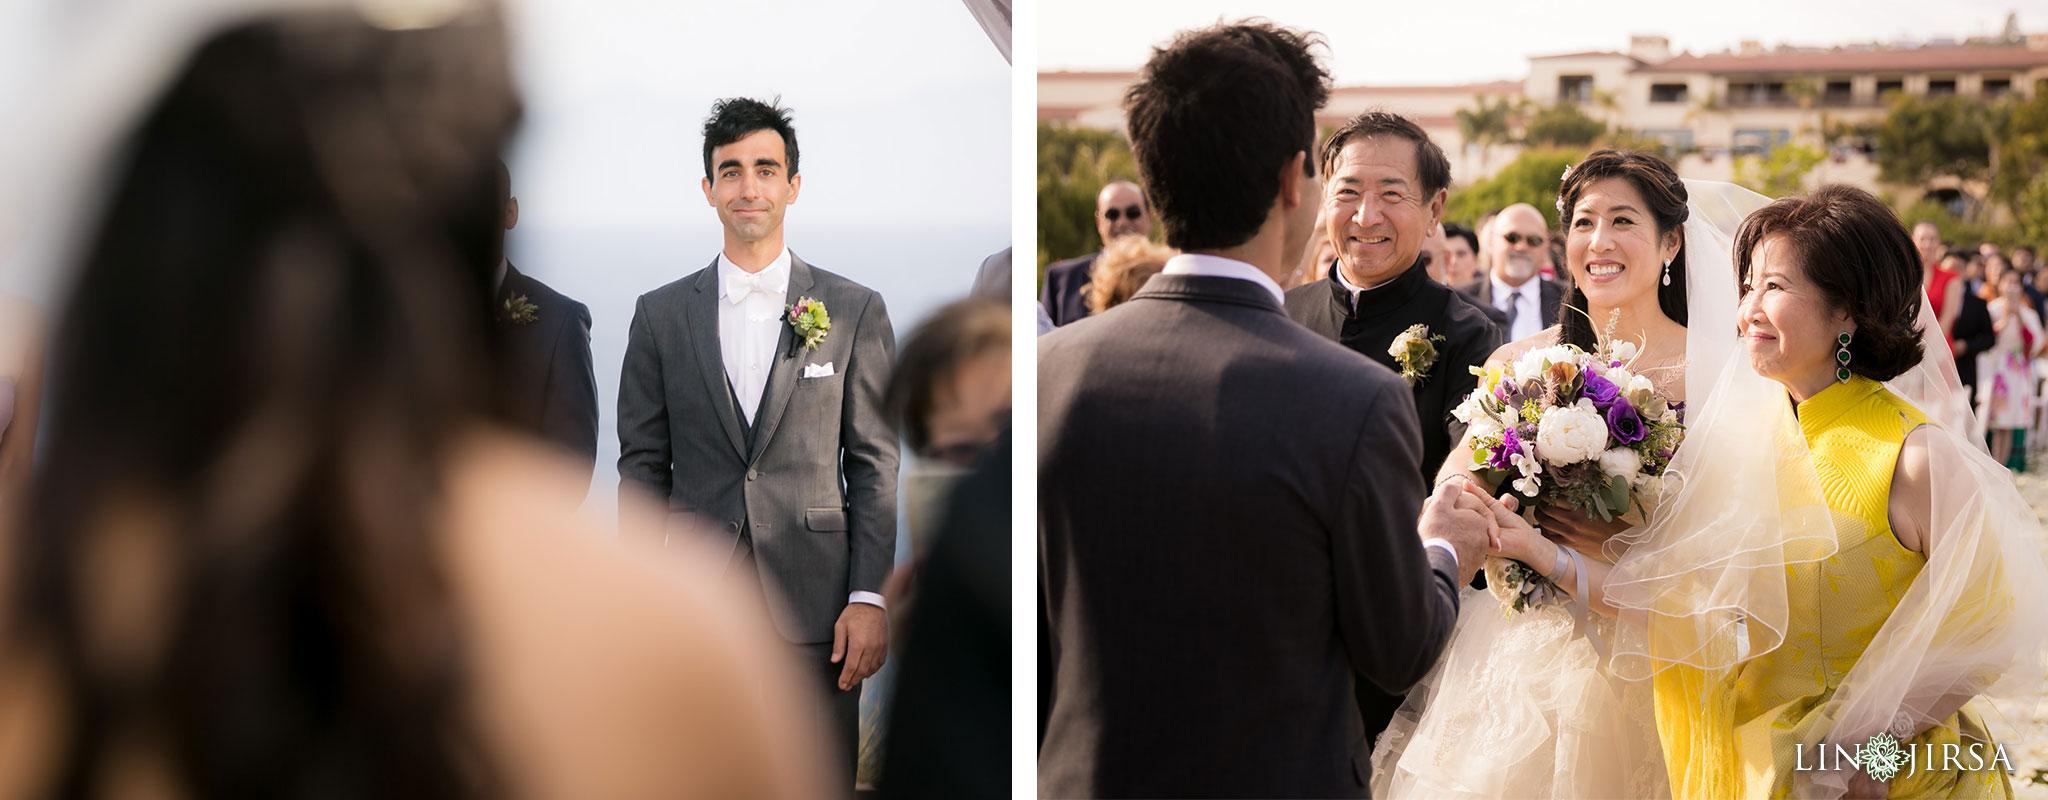 21 terranea resort rancho palos verdes wedding ceremony photography